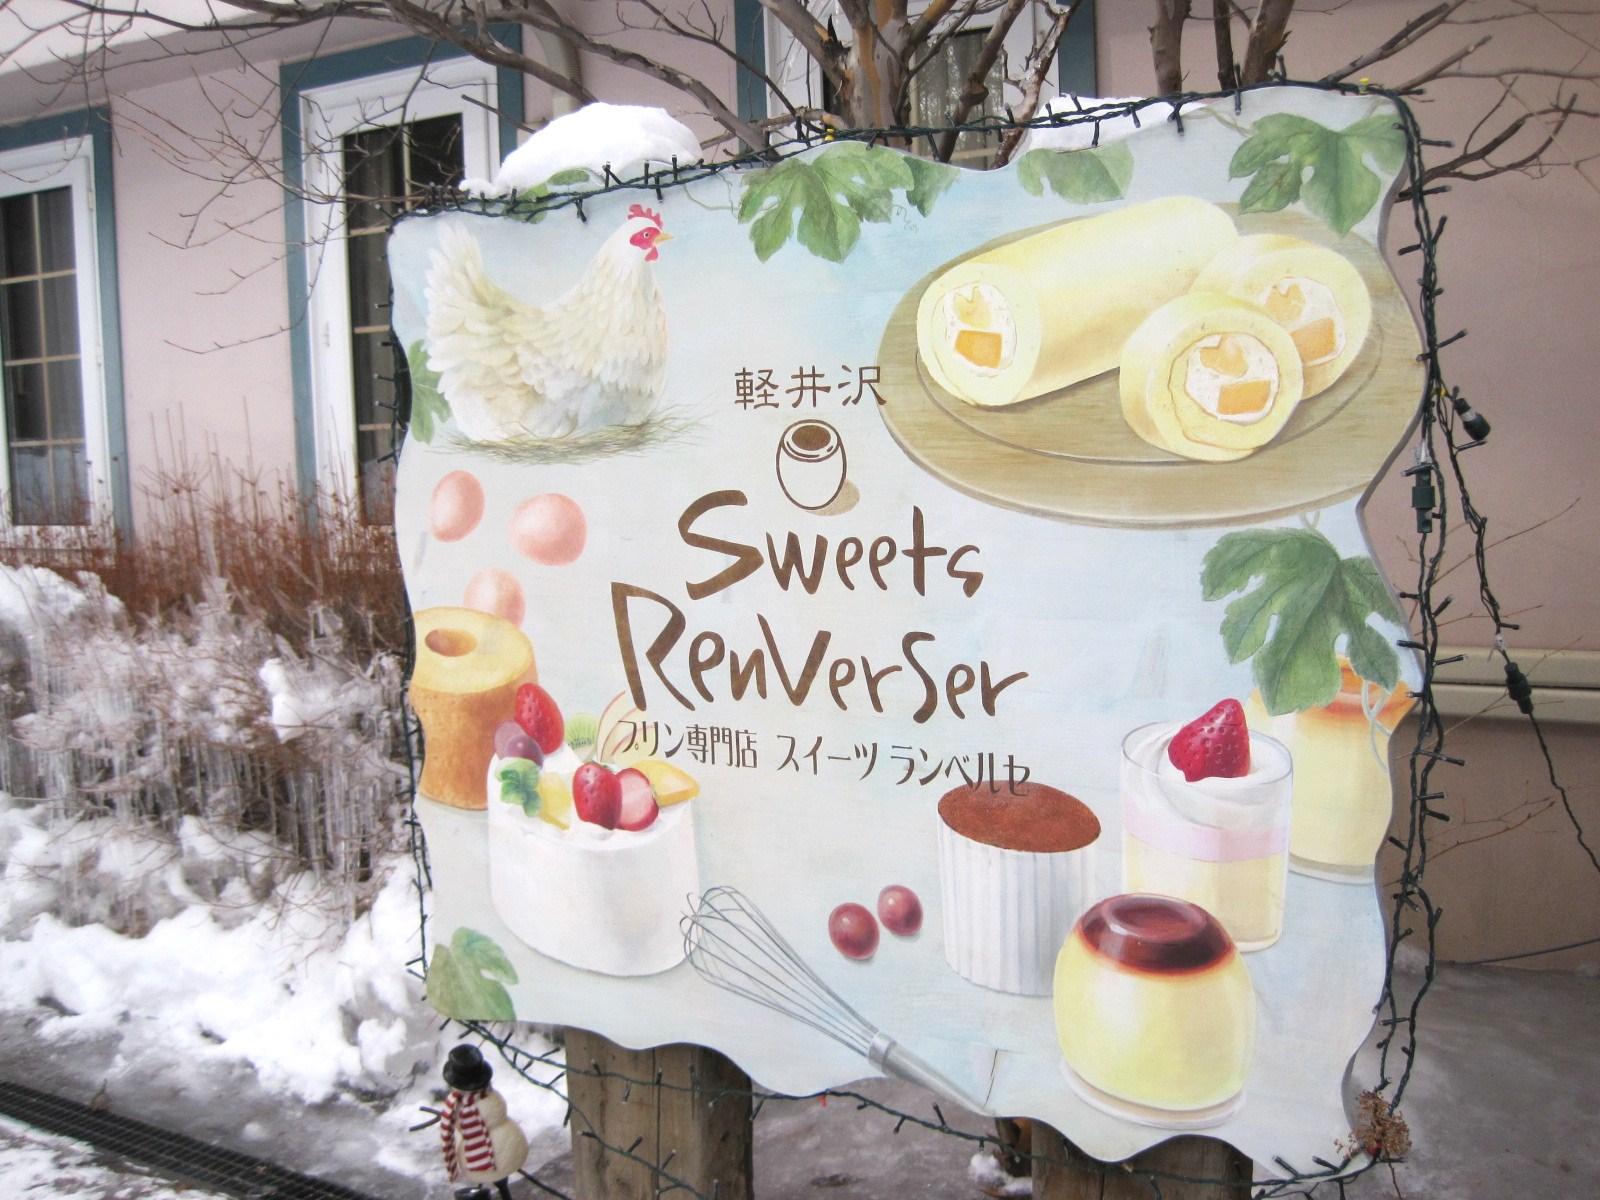 プリン専門店・Sweets RenVerSer/ スイーツ ランベルセ @北軽井沢_f0236260_1547523.jpg